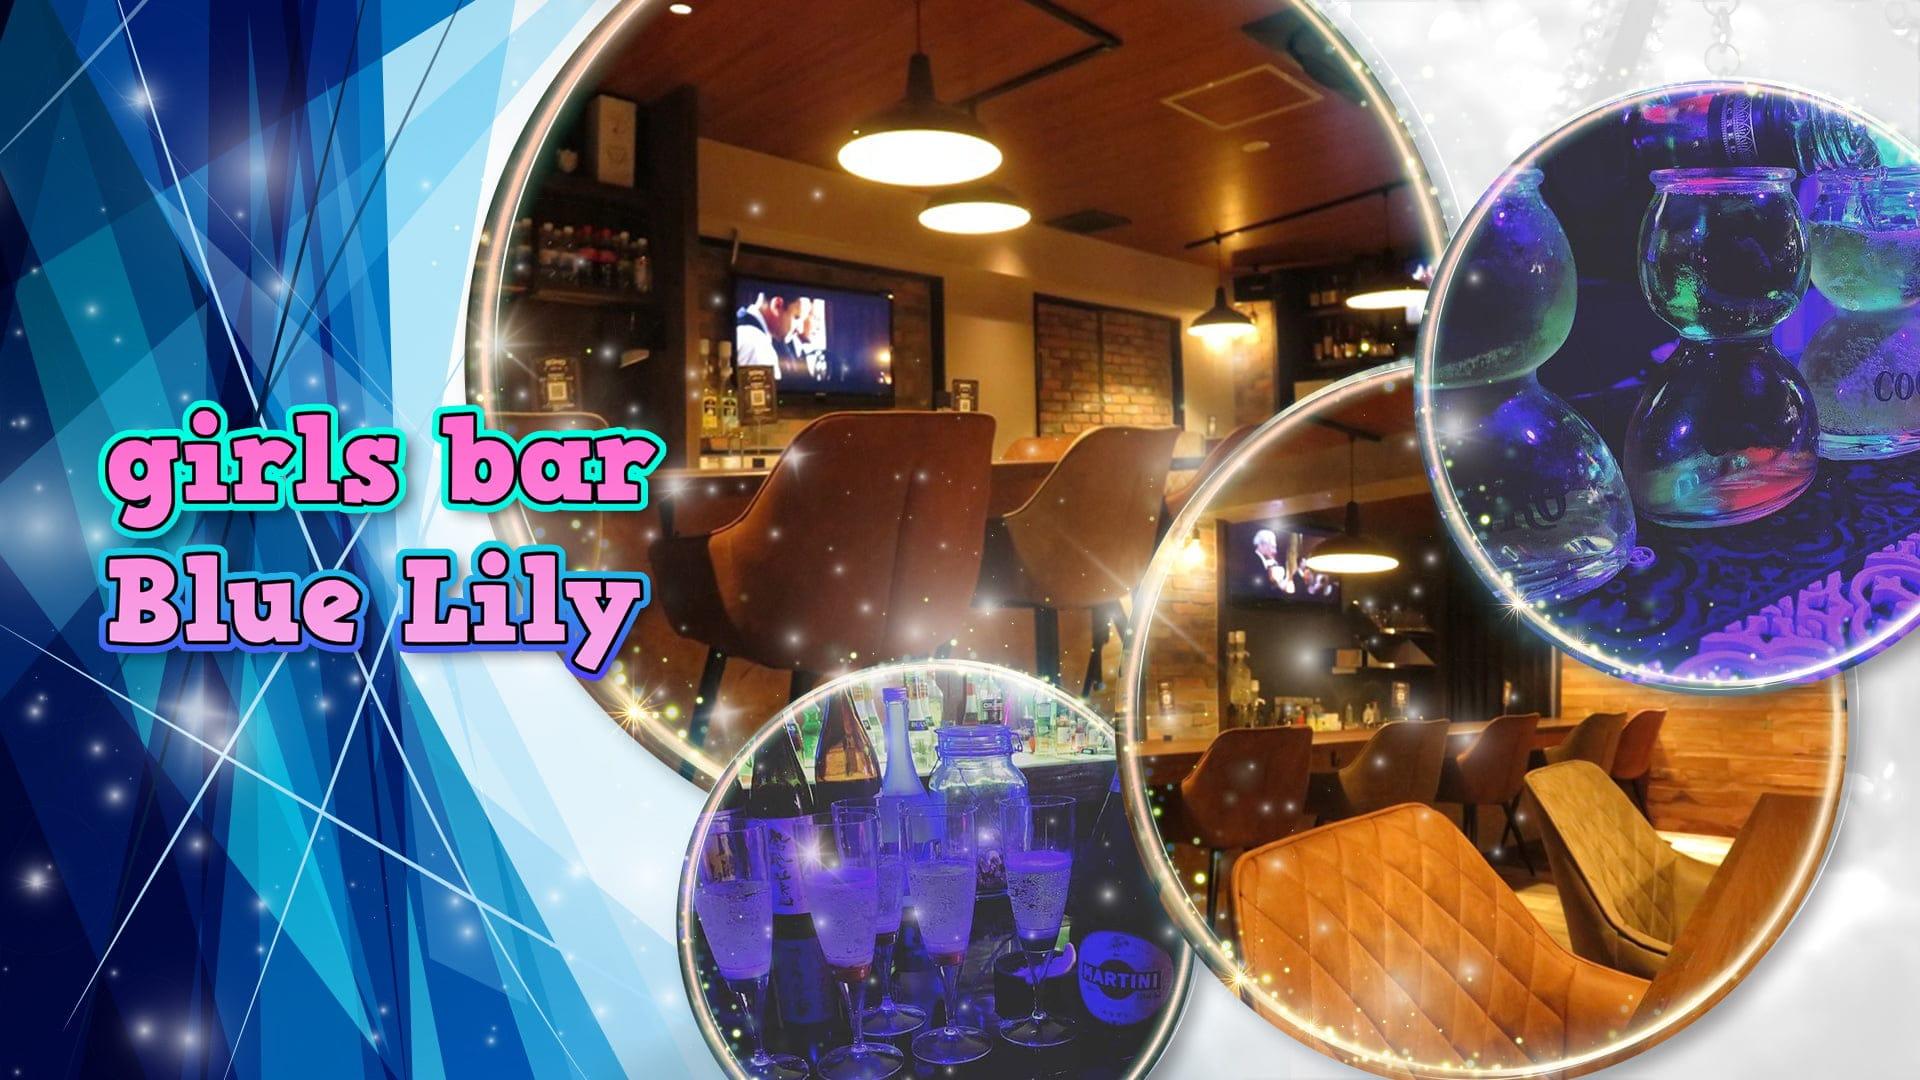 girls bar Blue-Lily(ブルーリリー)【公式求人・体入情報】 歌舞伎町ガールズバー TOP画像